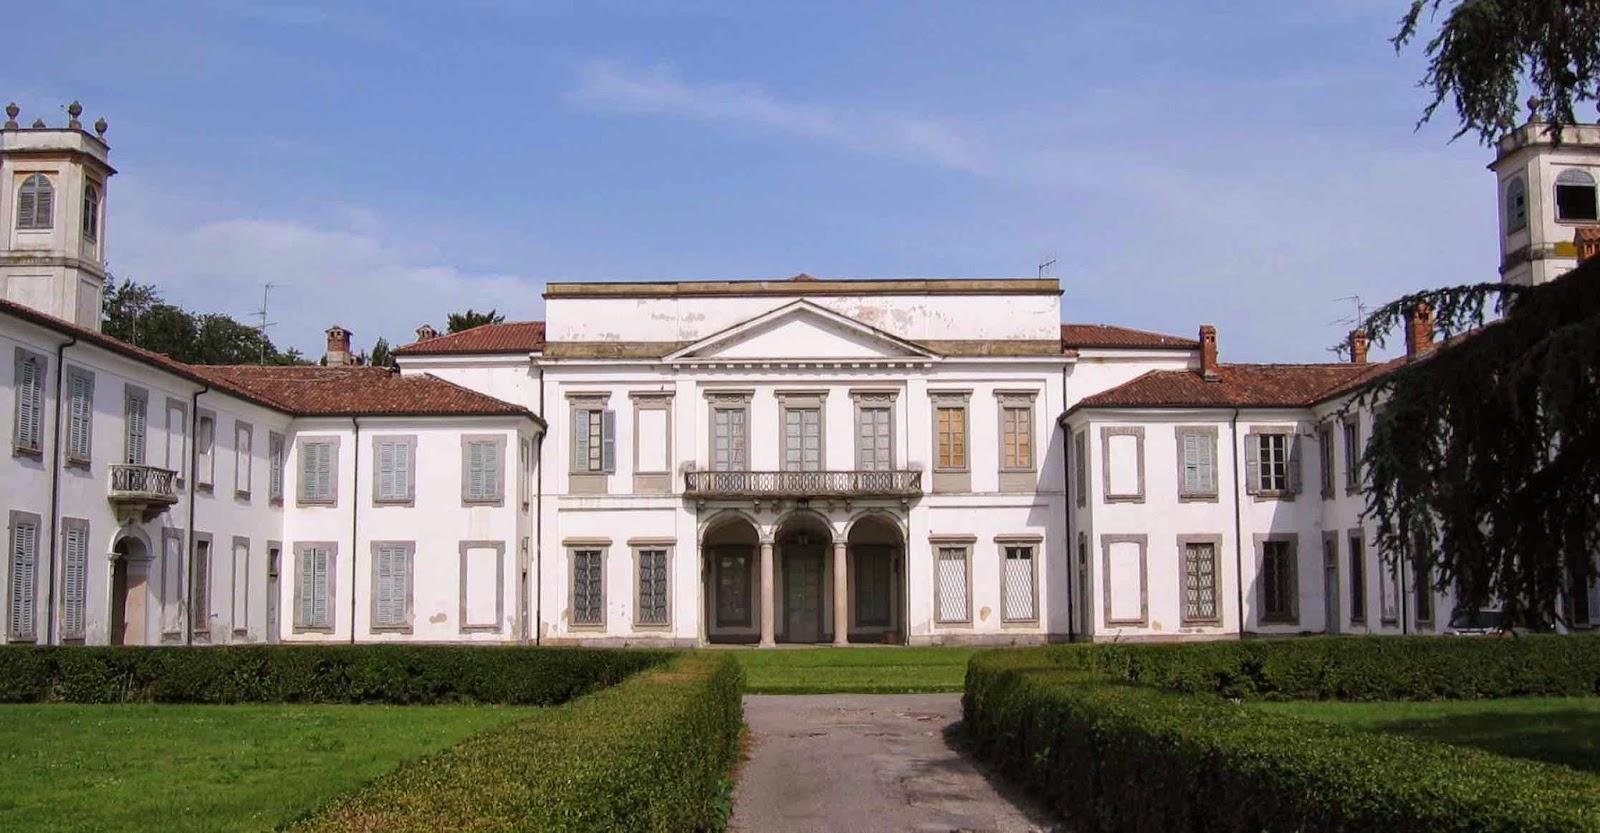 Villa Mirabello - Parco della Reggia di Monza